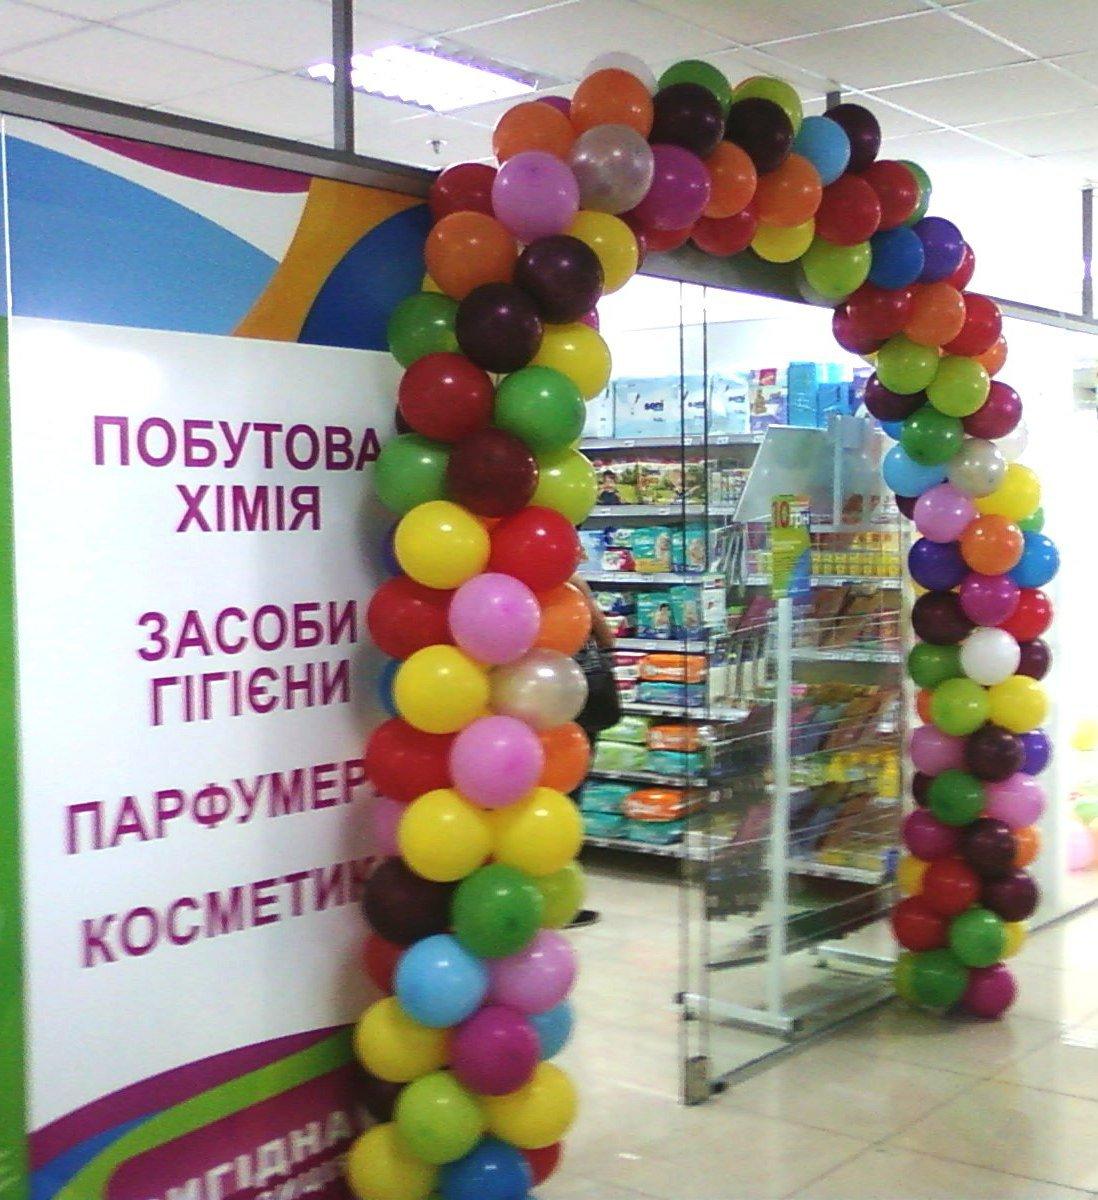 Арка из шаров в торговом центре